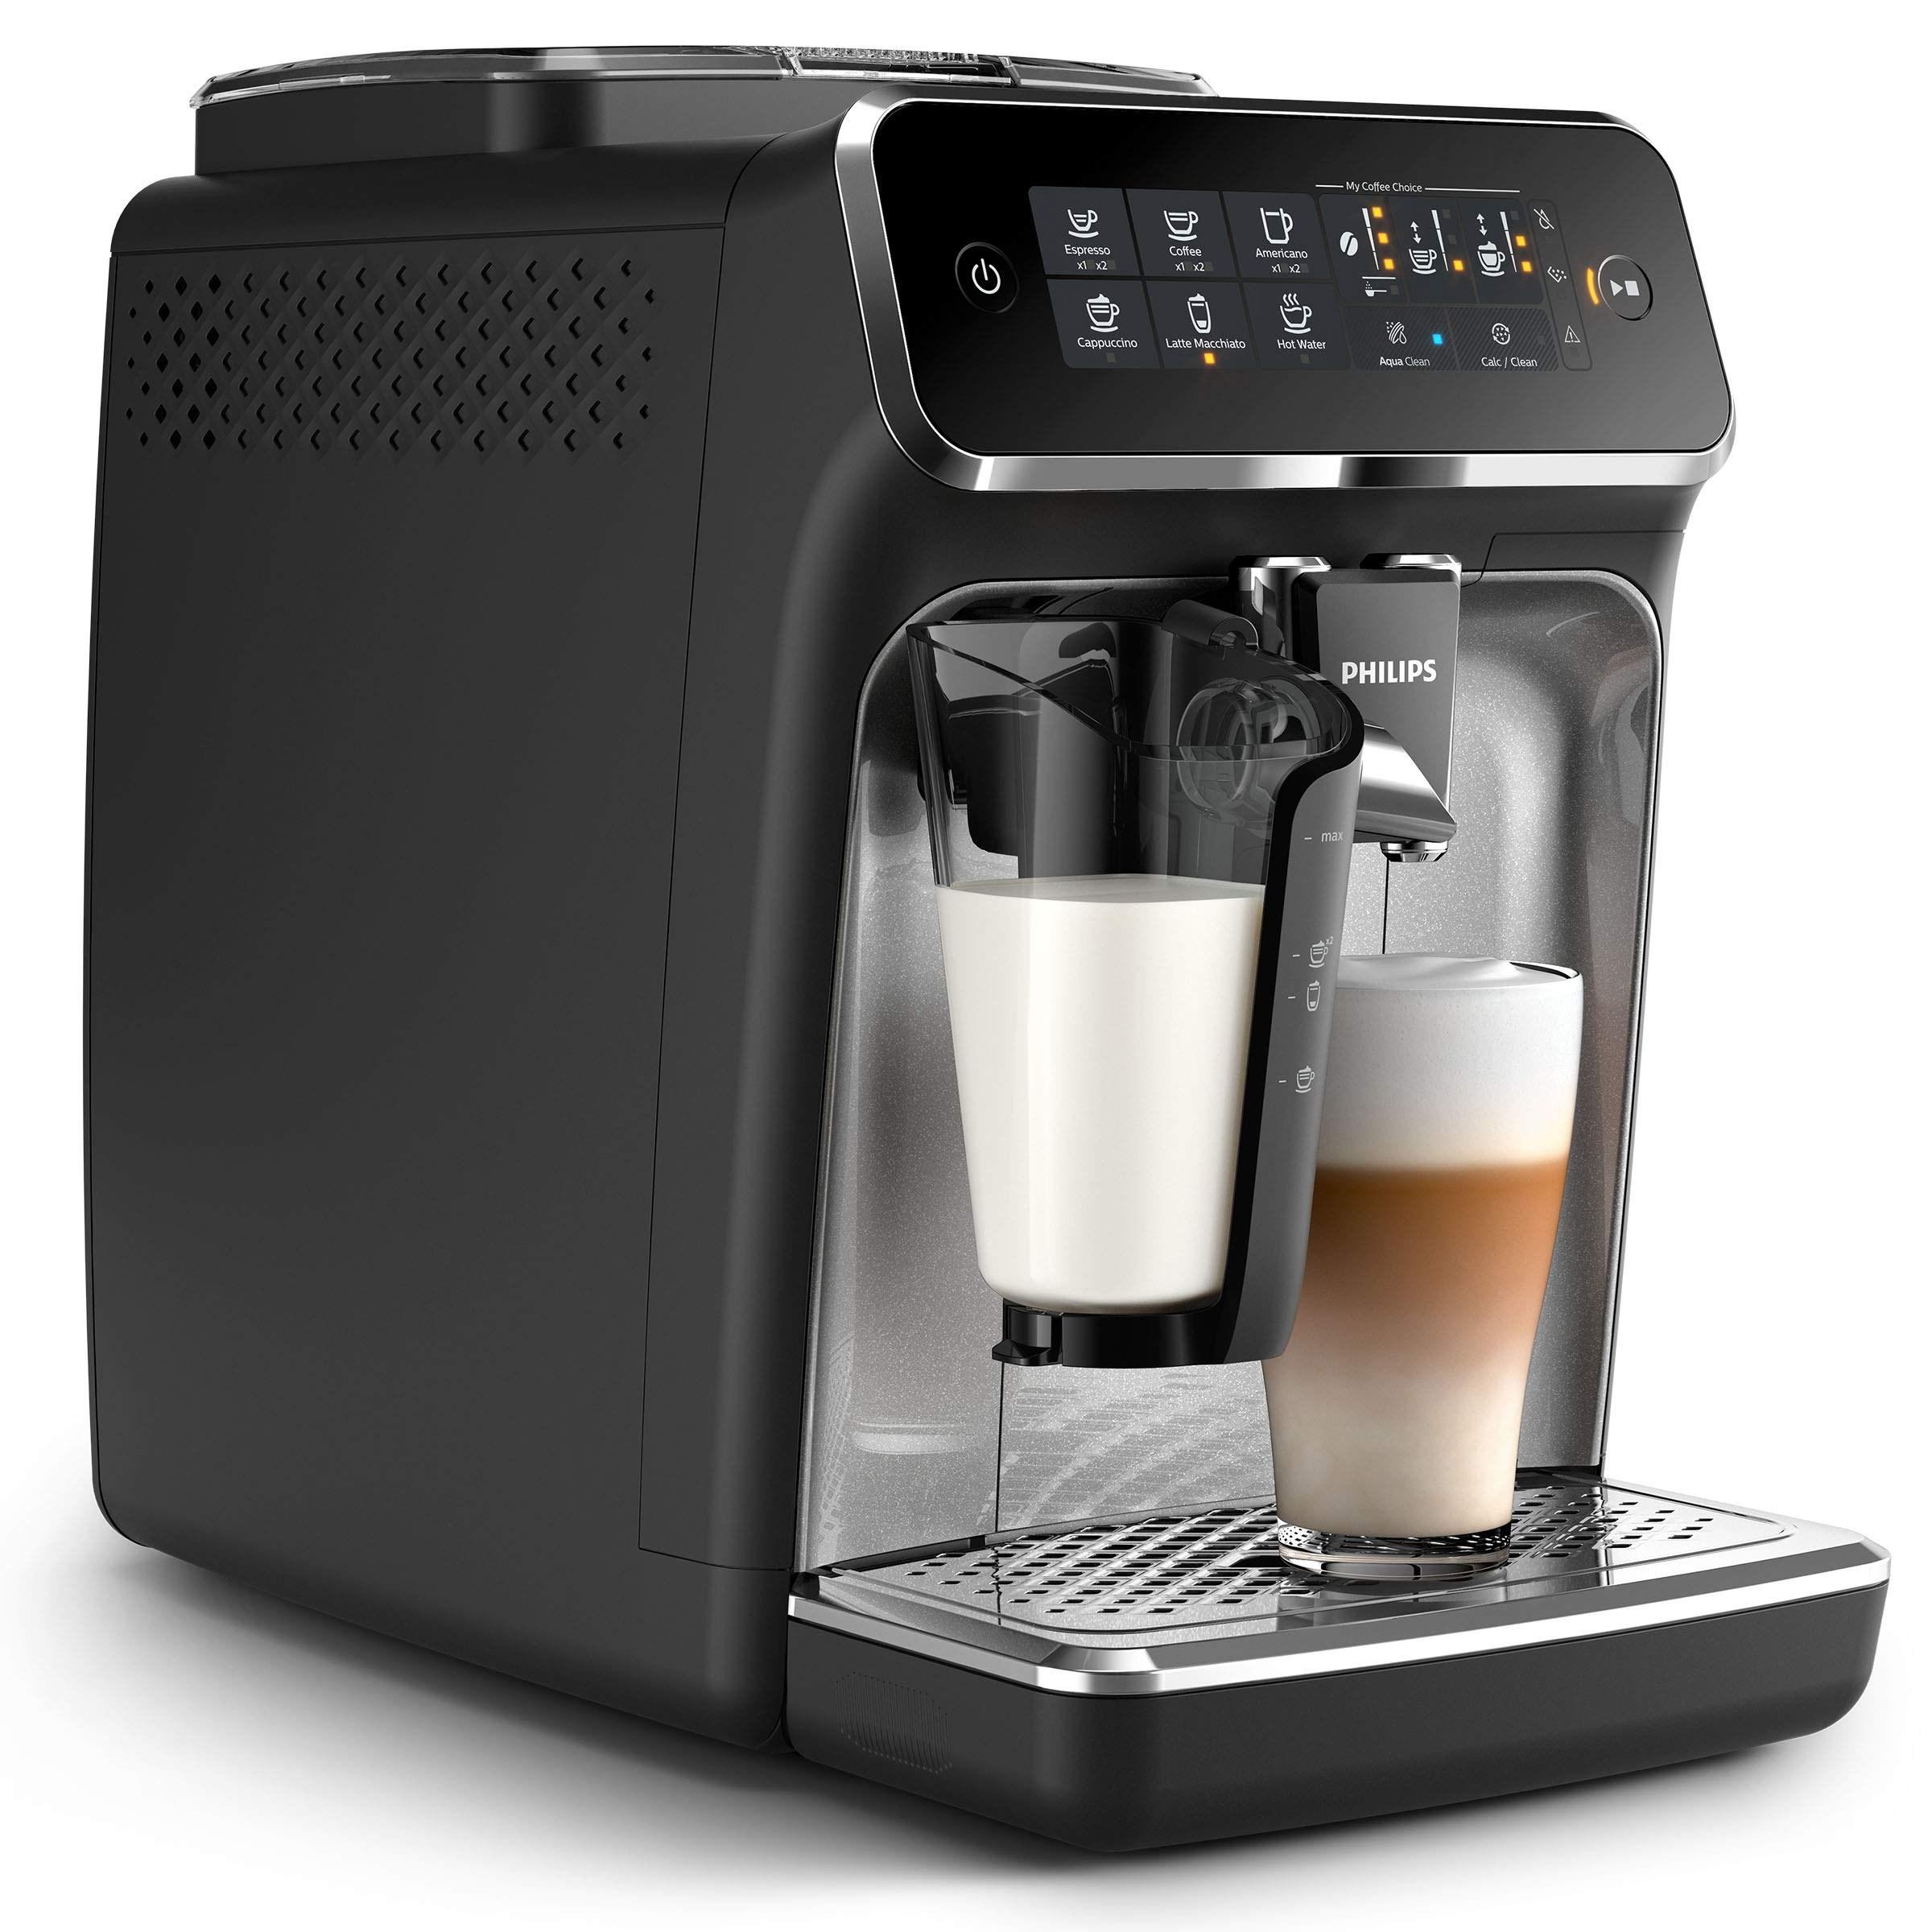 Philips 필립스 라떼고 3200 전자동 에스프레소 커피 머신, EP3246 / 70